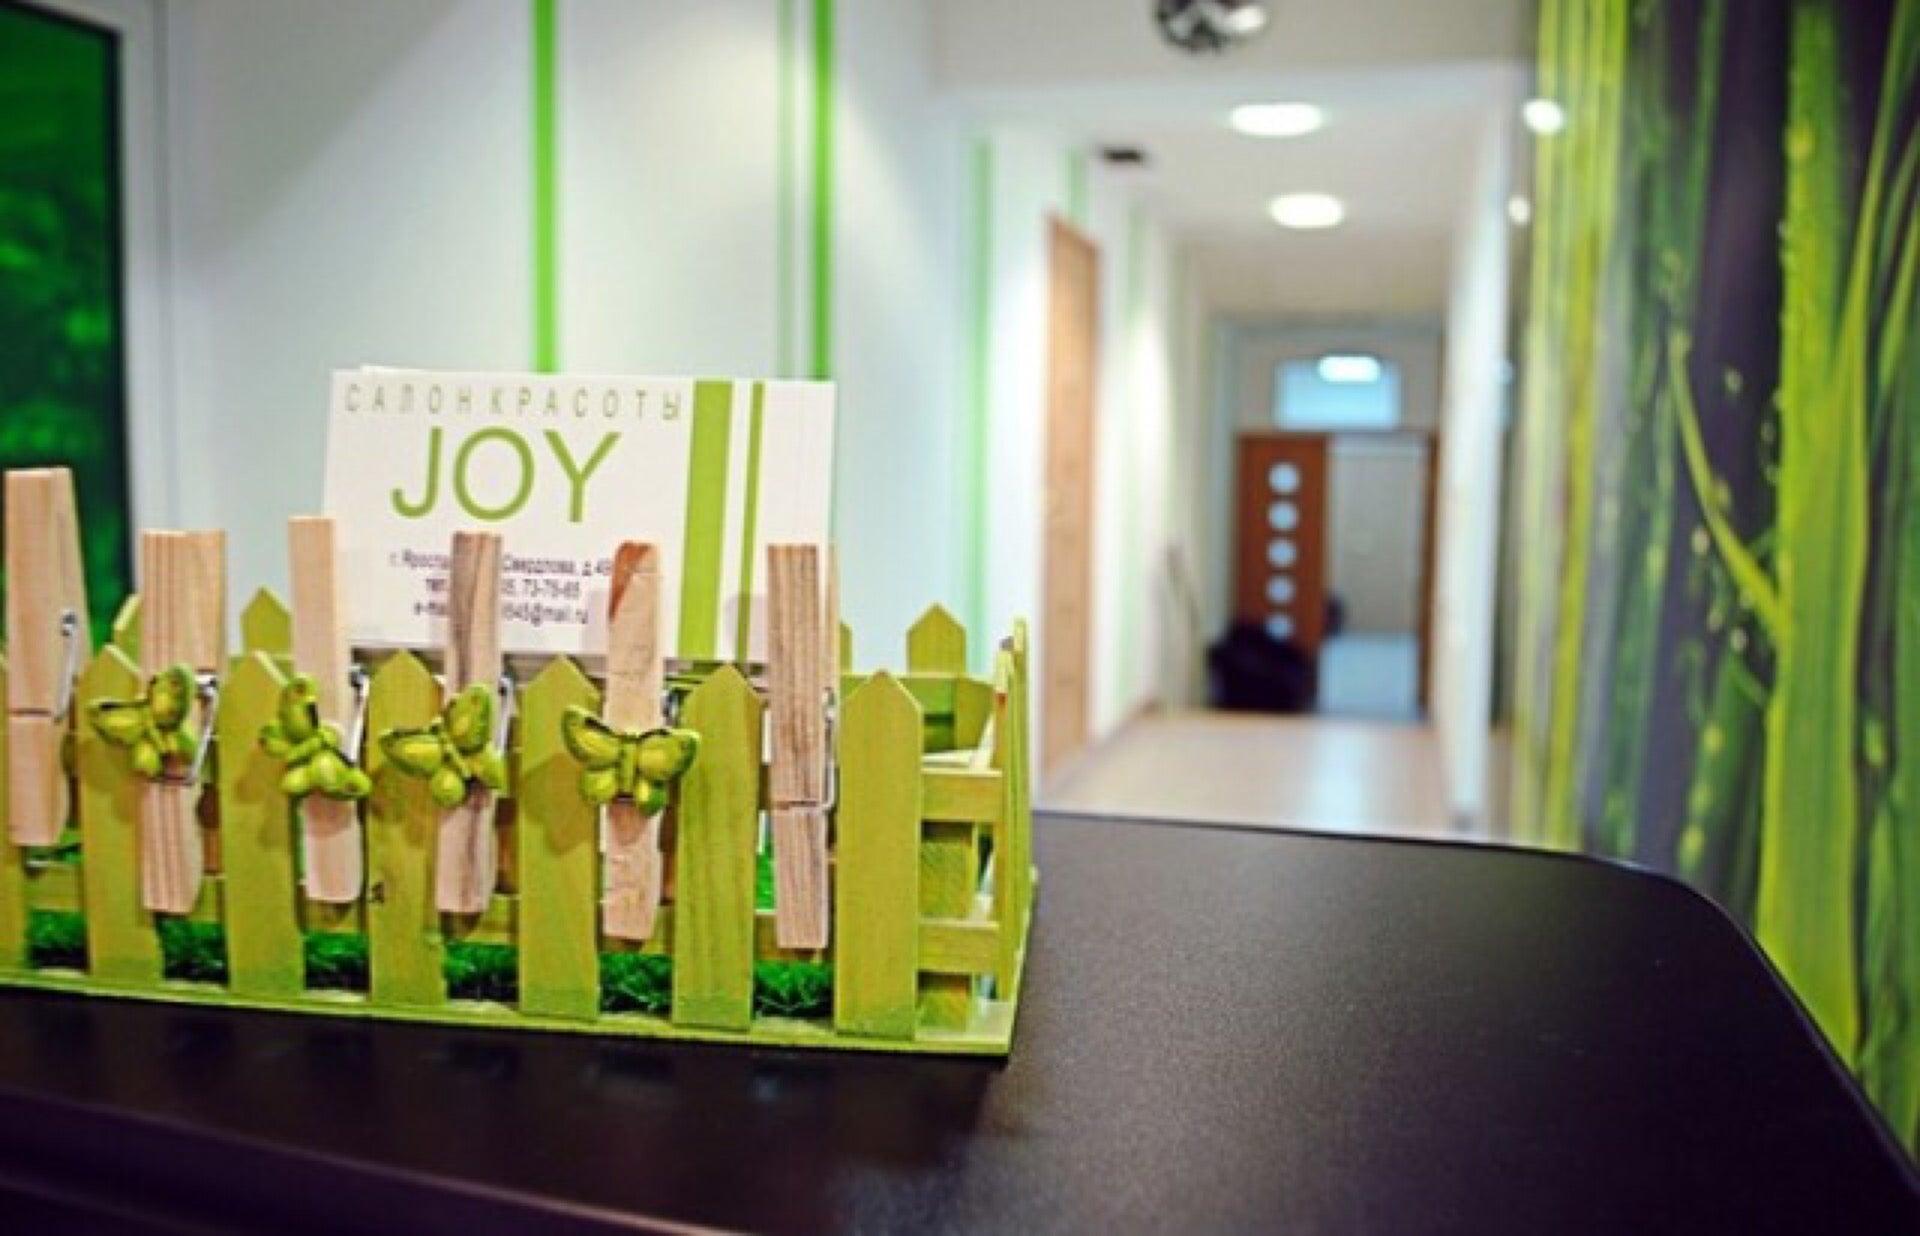 Joy фото 1